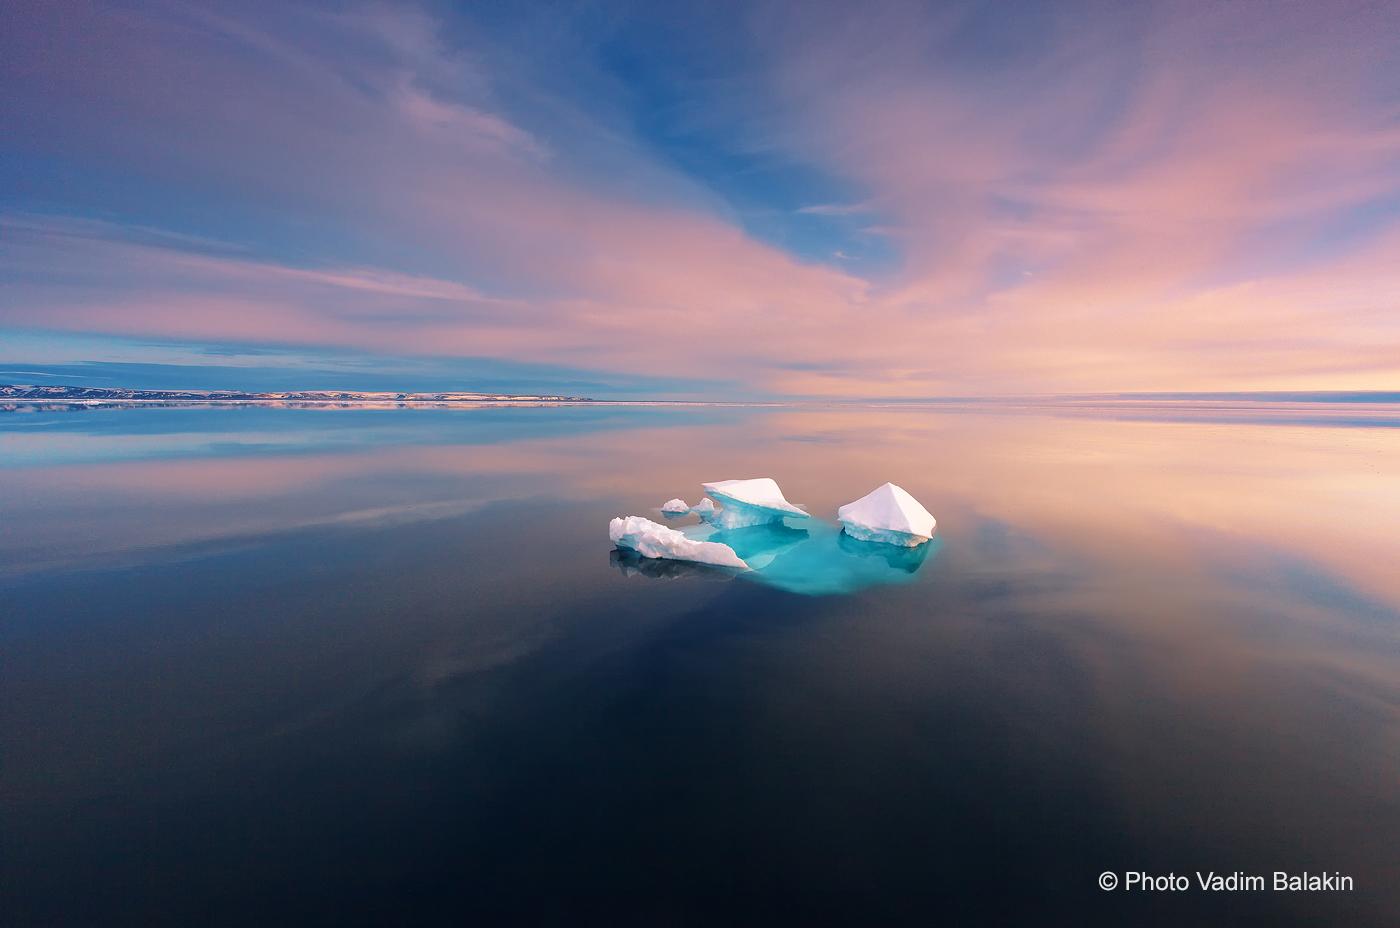 Работа блогера 66.ru победила в конкурсе лучших фотографий Арктики